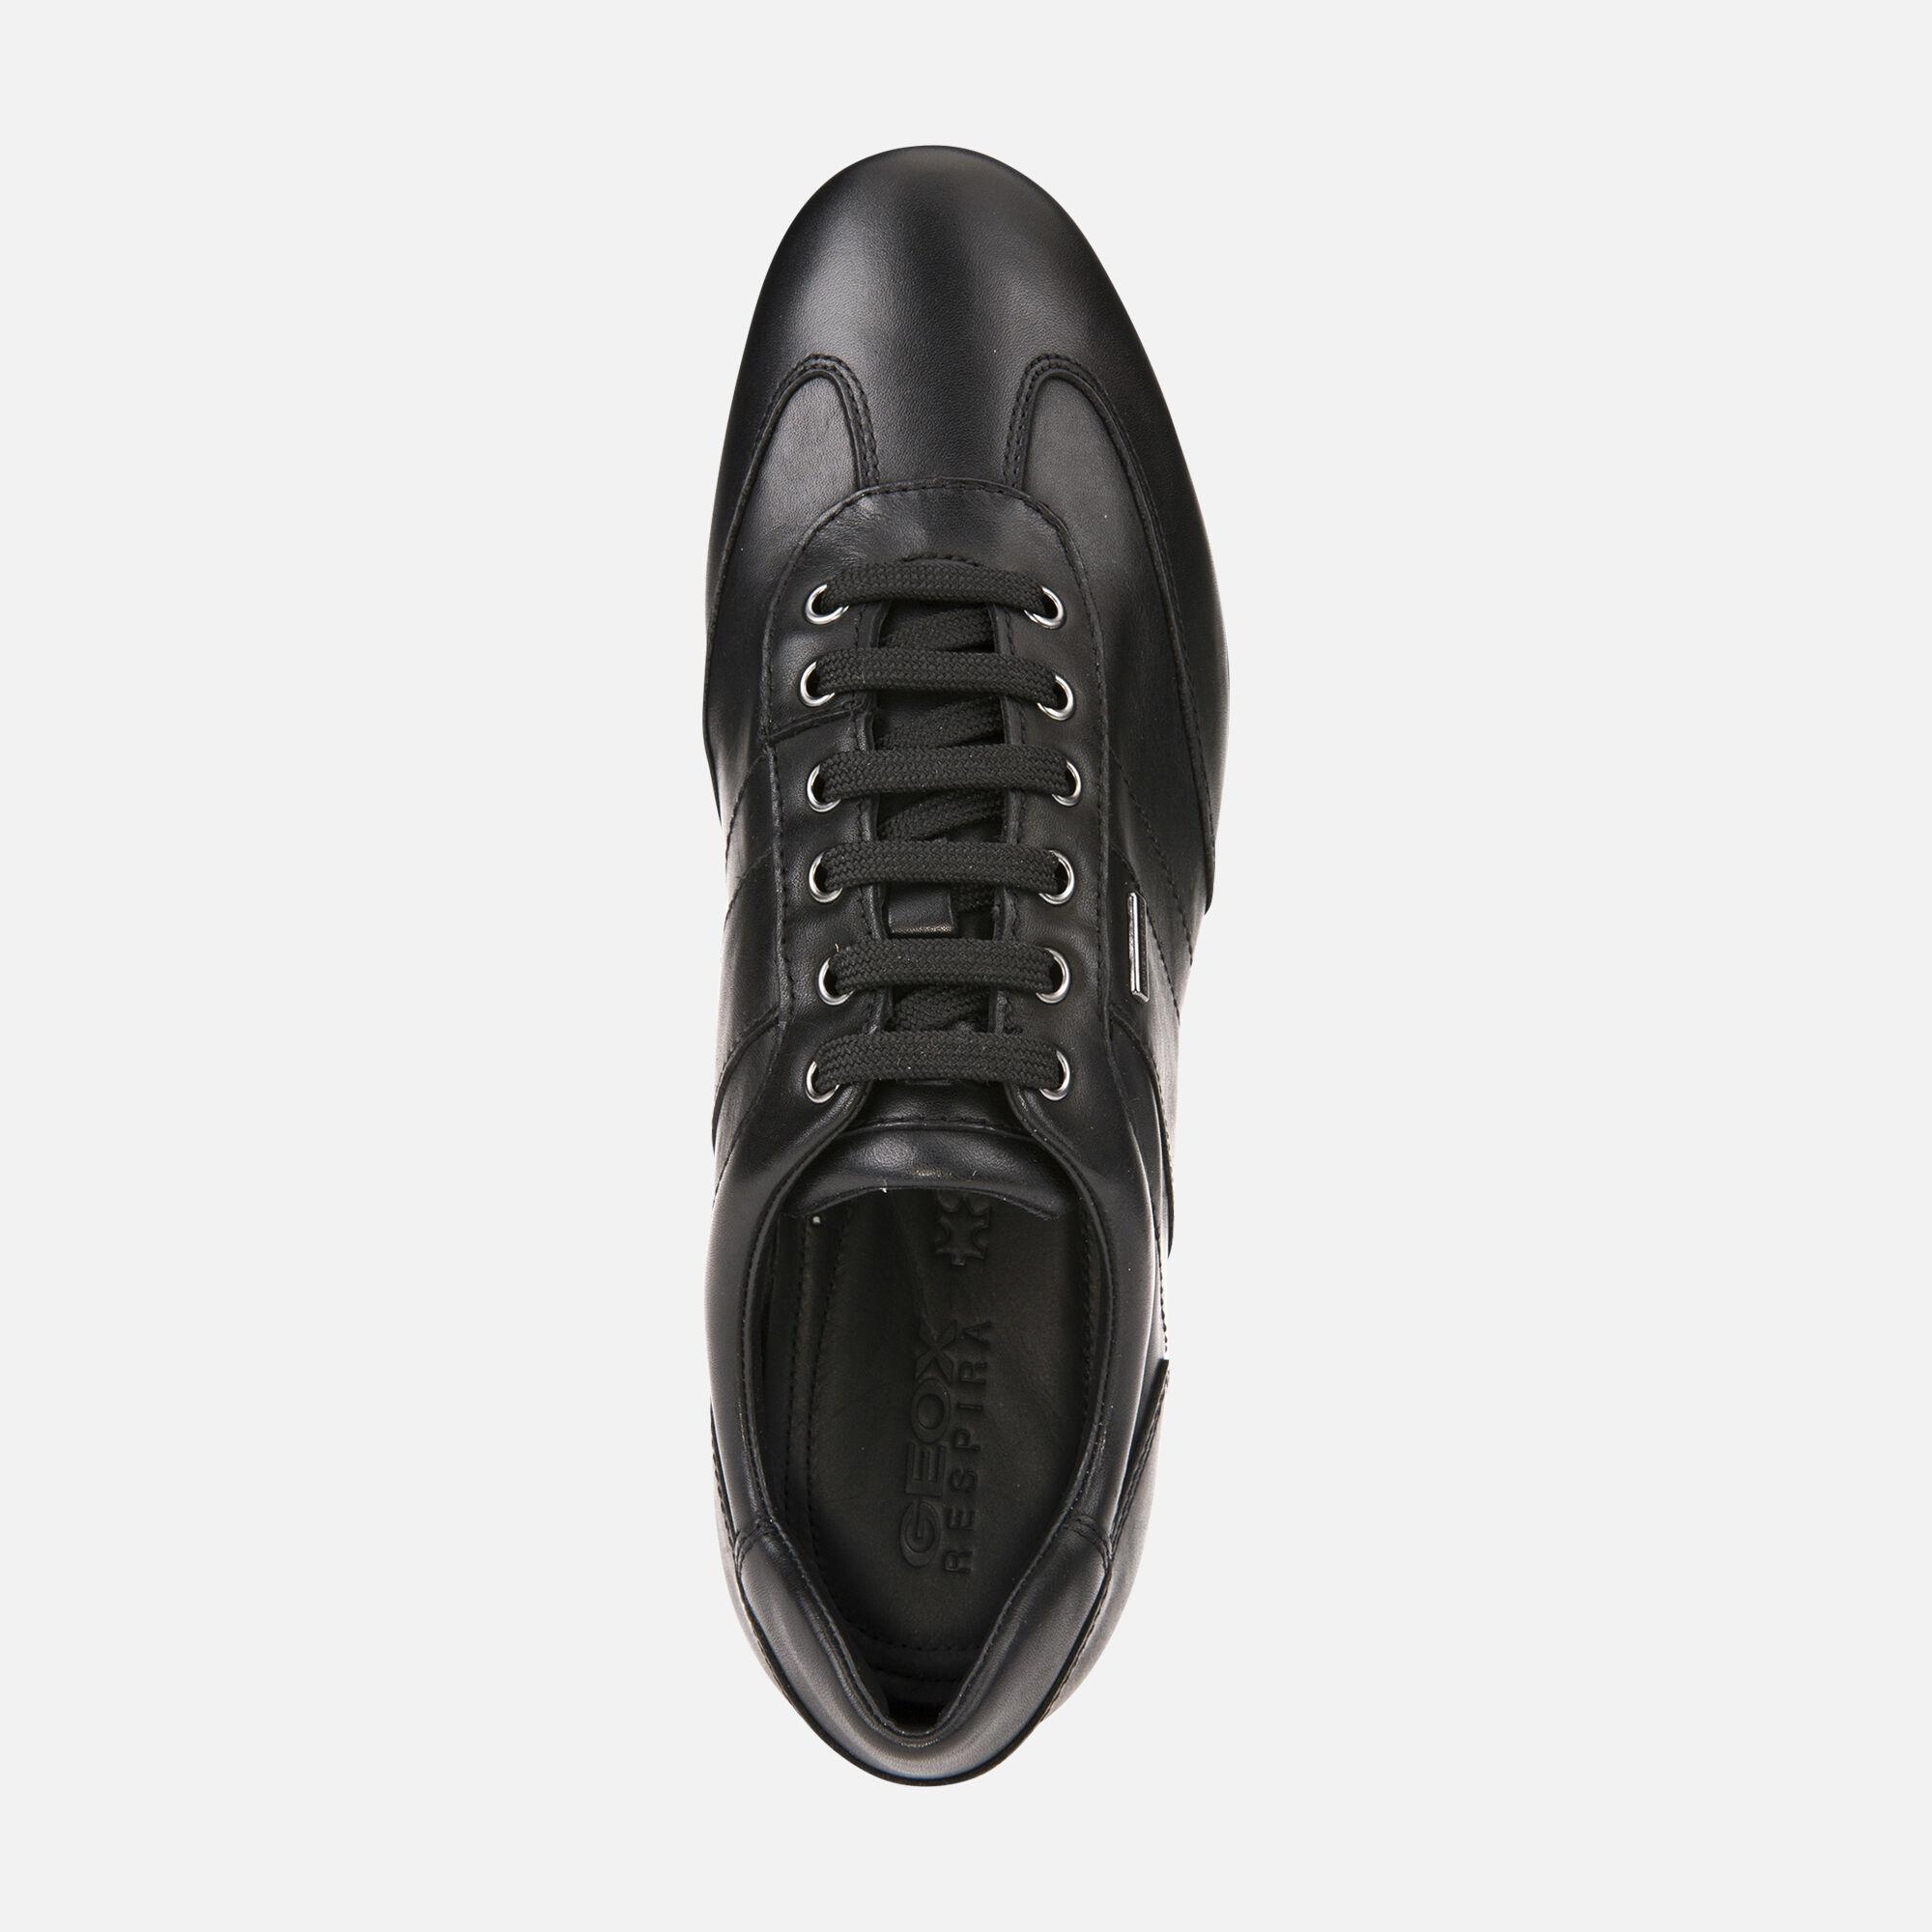 HERREN GEOX Schuhe Gr. 45 EUR 25,50   PicClick DE